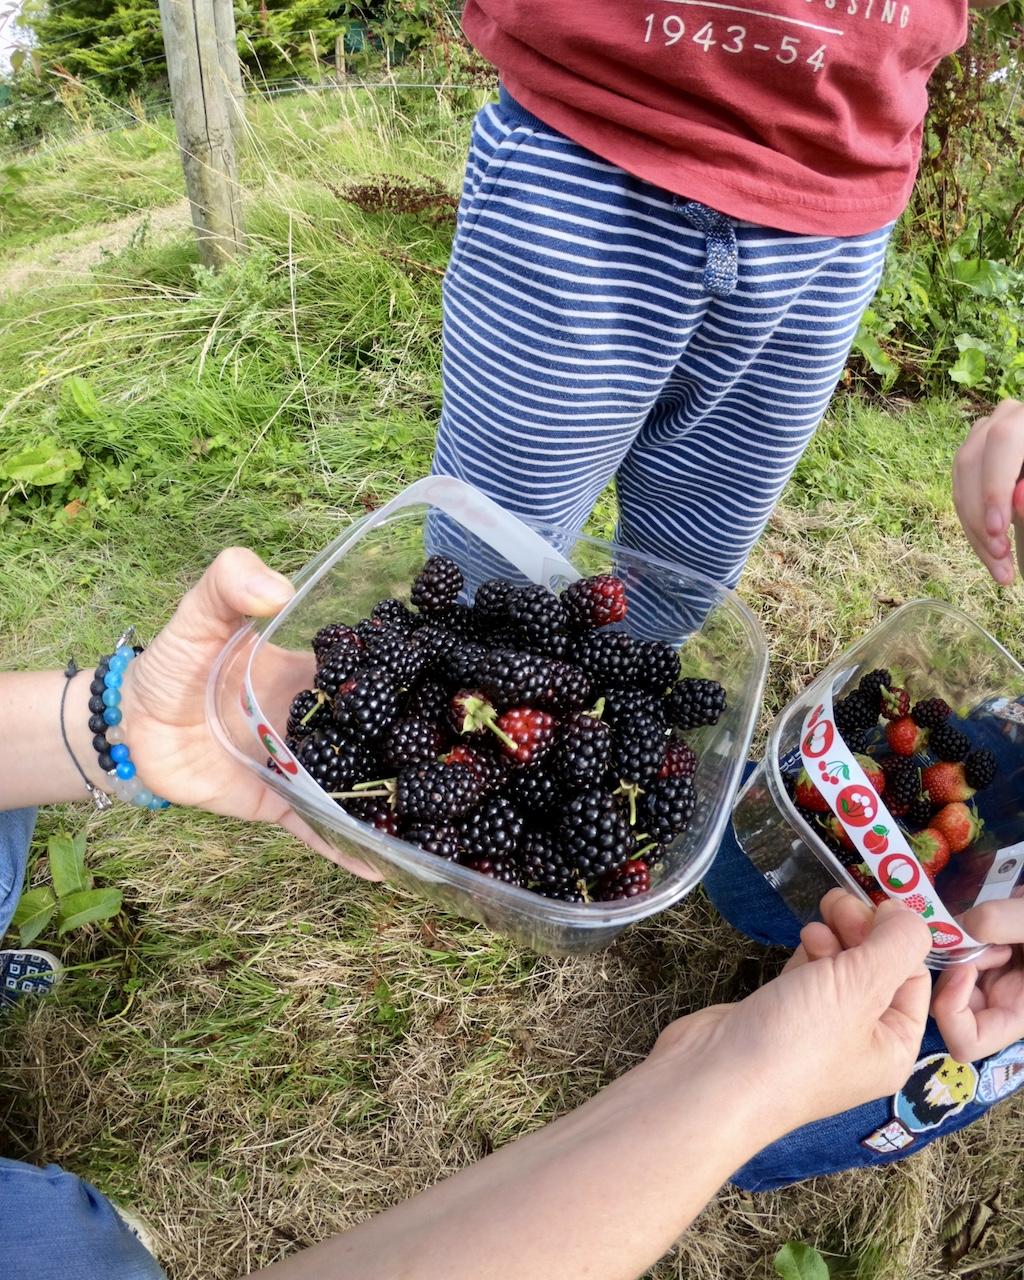 Fruit_picking4.jpg